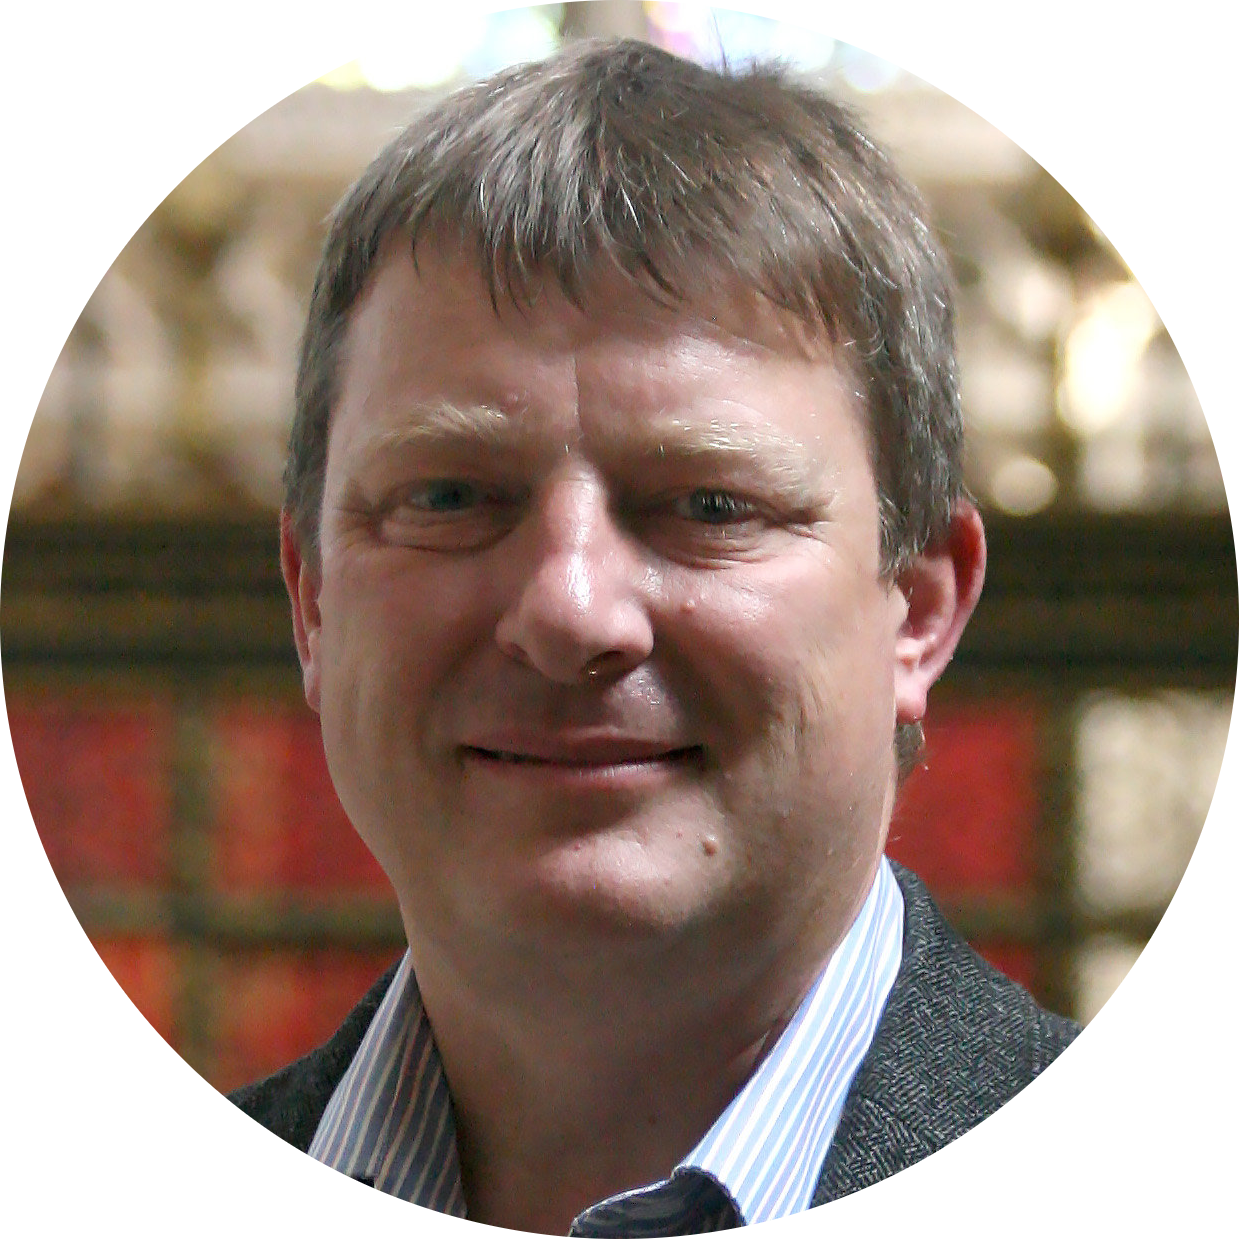 Neil Sanderson, Home Harvest - Agri-TechE CEA speaker